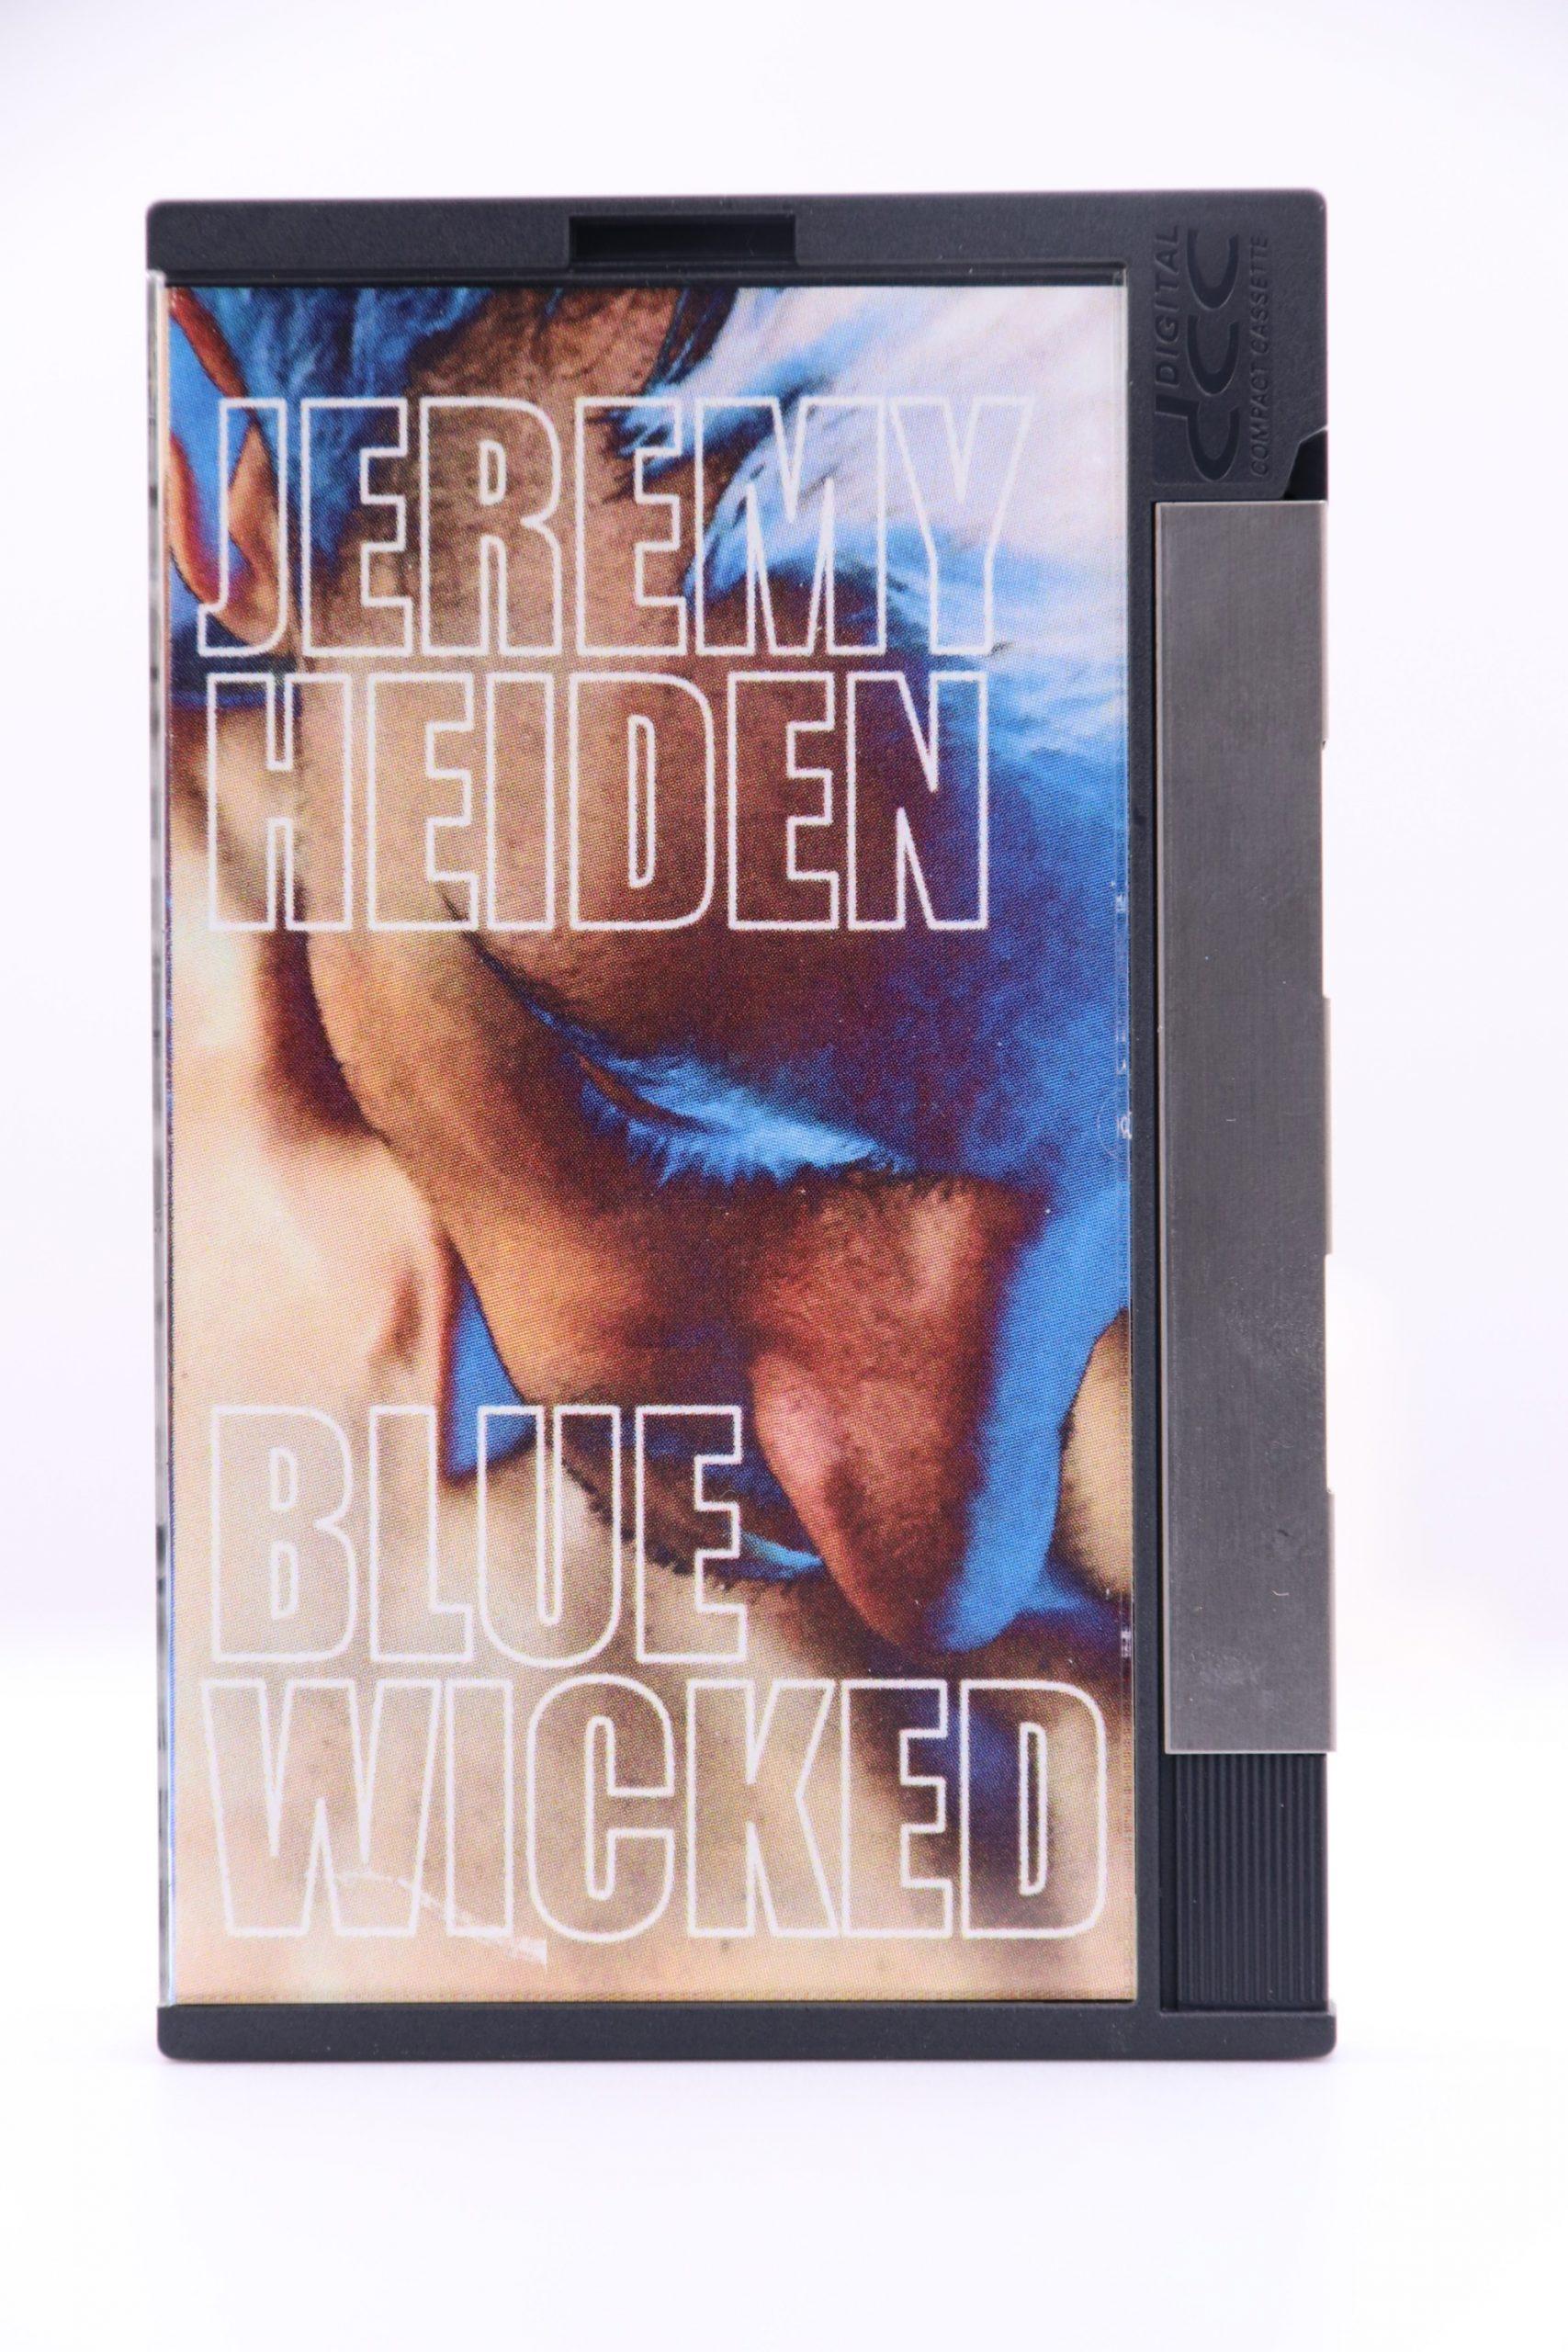 Jeremy Heiden - Blue Wicked